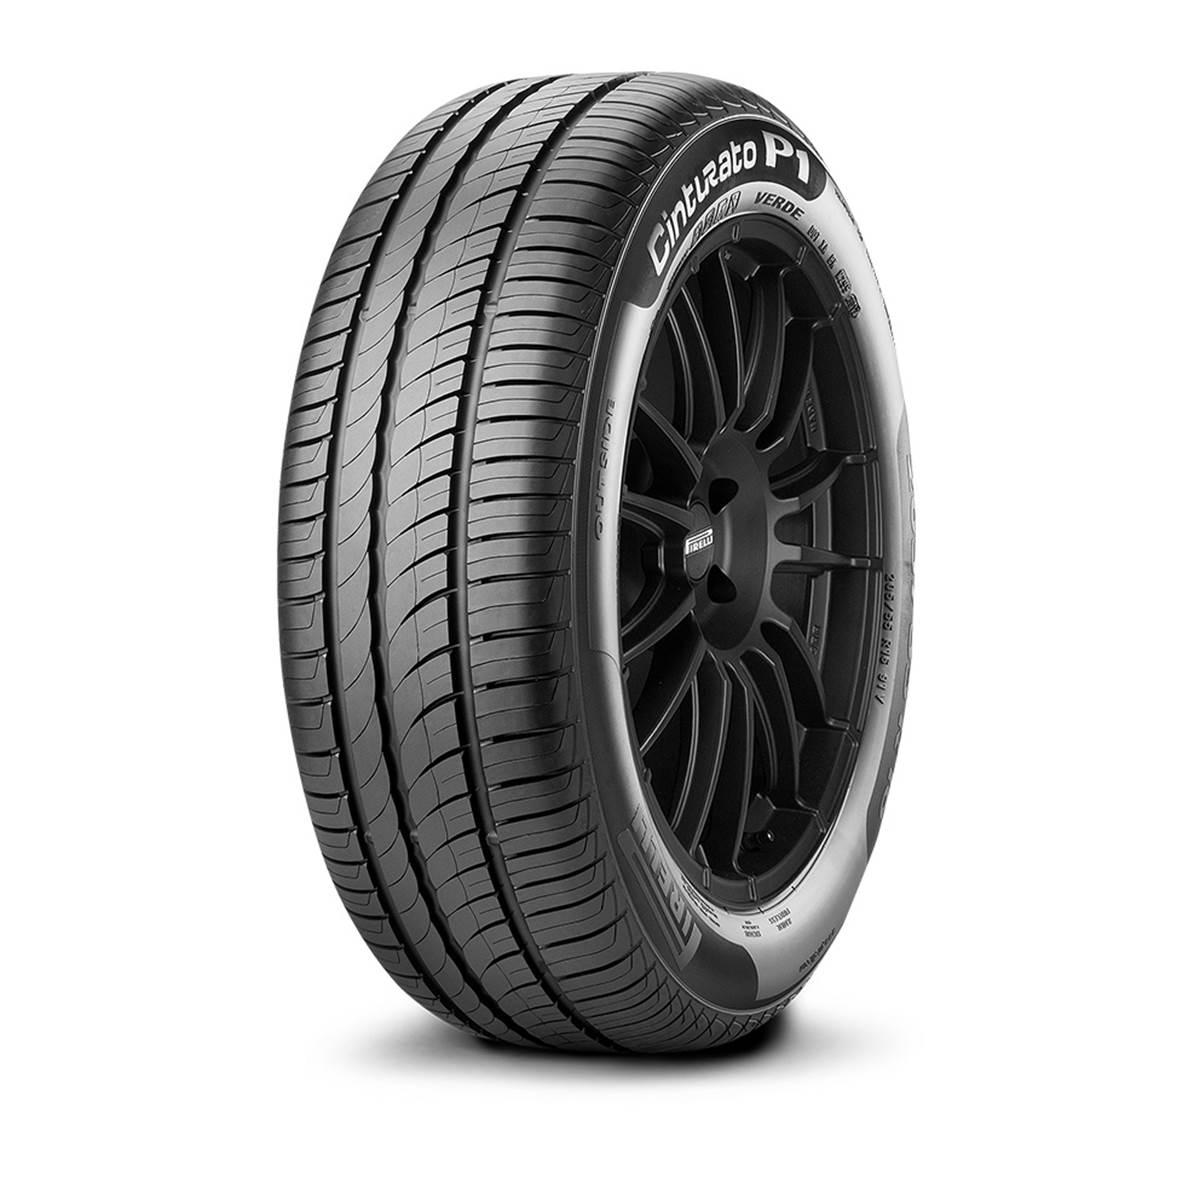 Pneu Pirelli 195/65R15 95H Cinturato P1 Verde XL